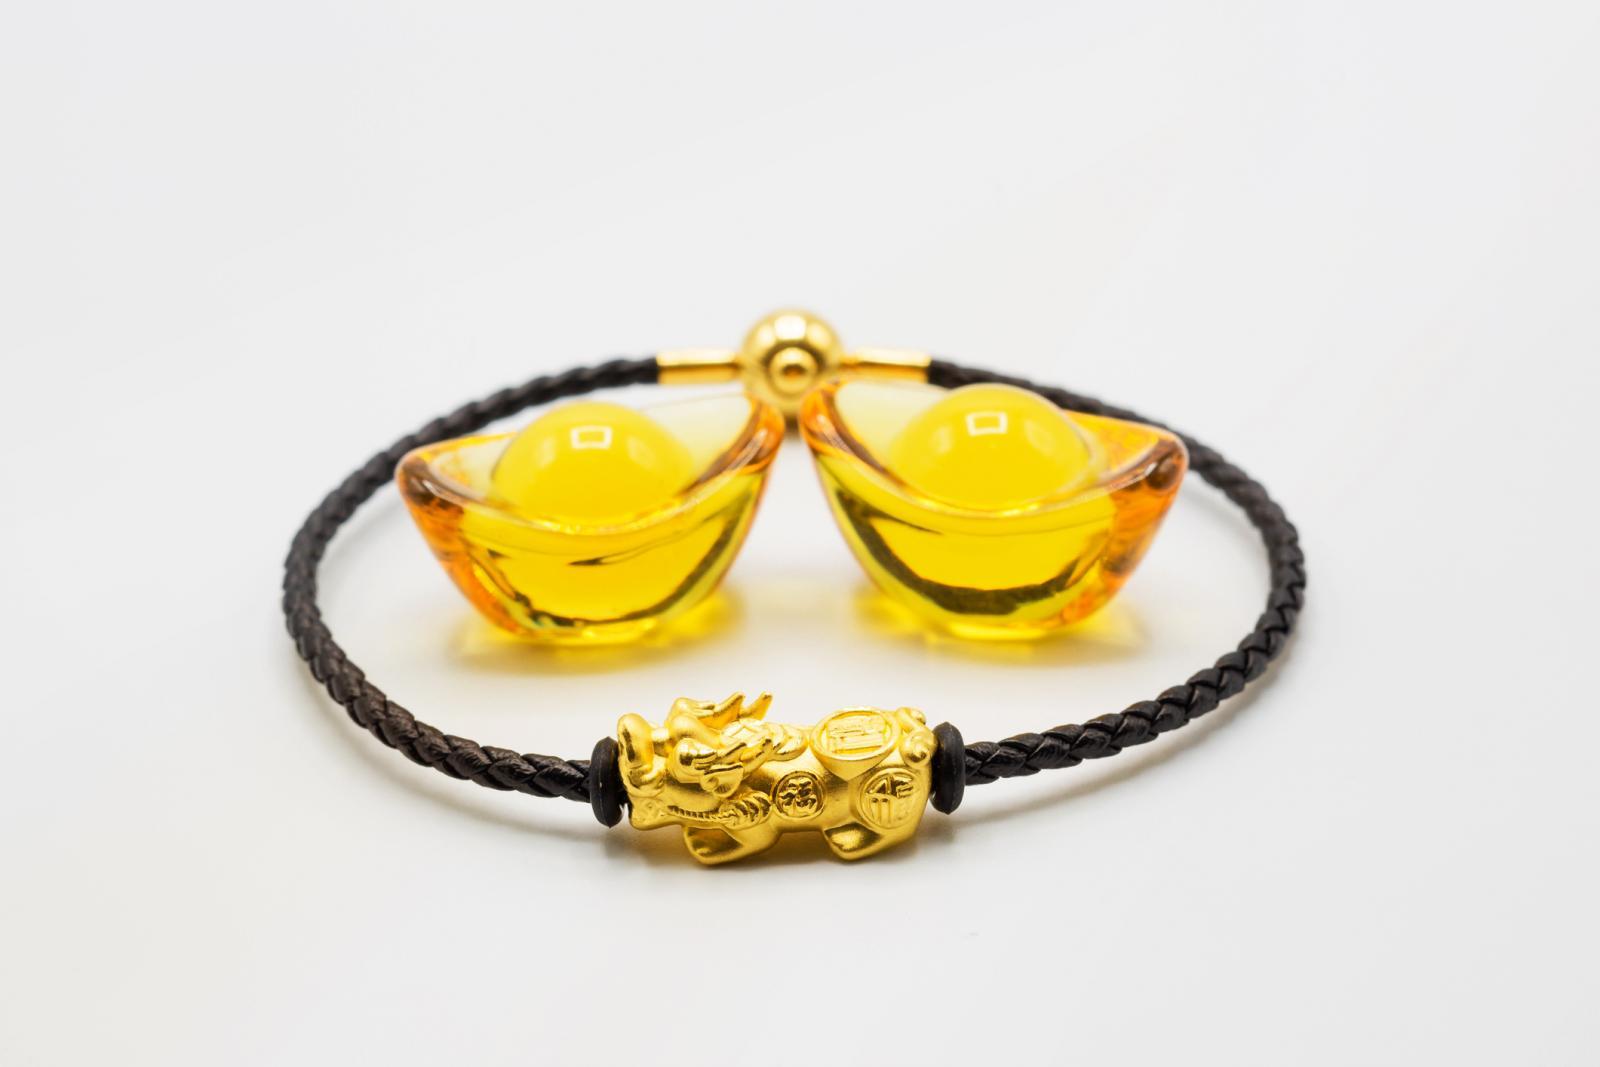 Pixiu de oro con pulsera negra